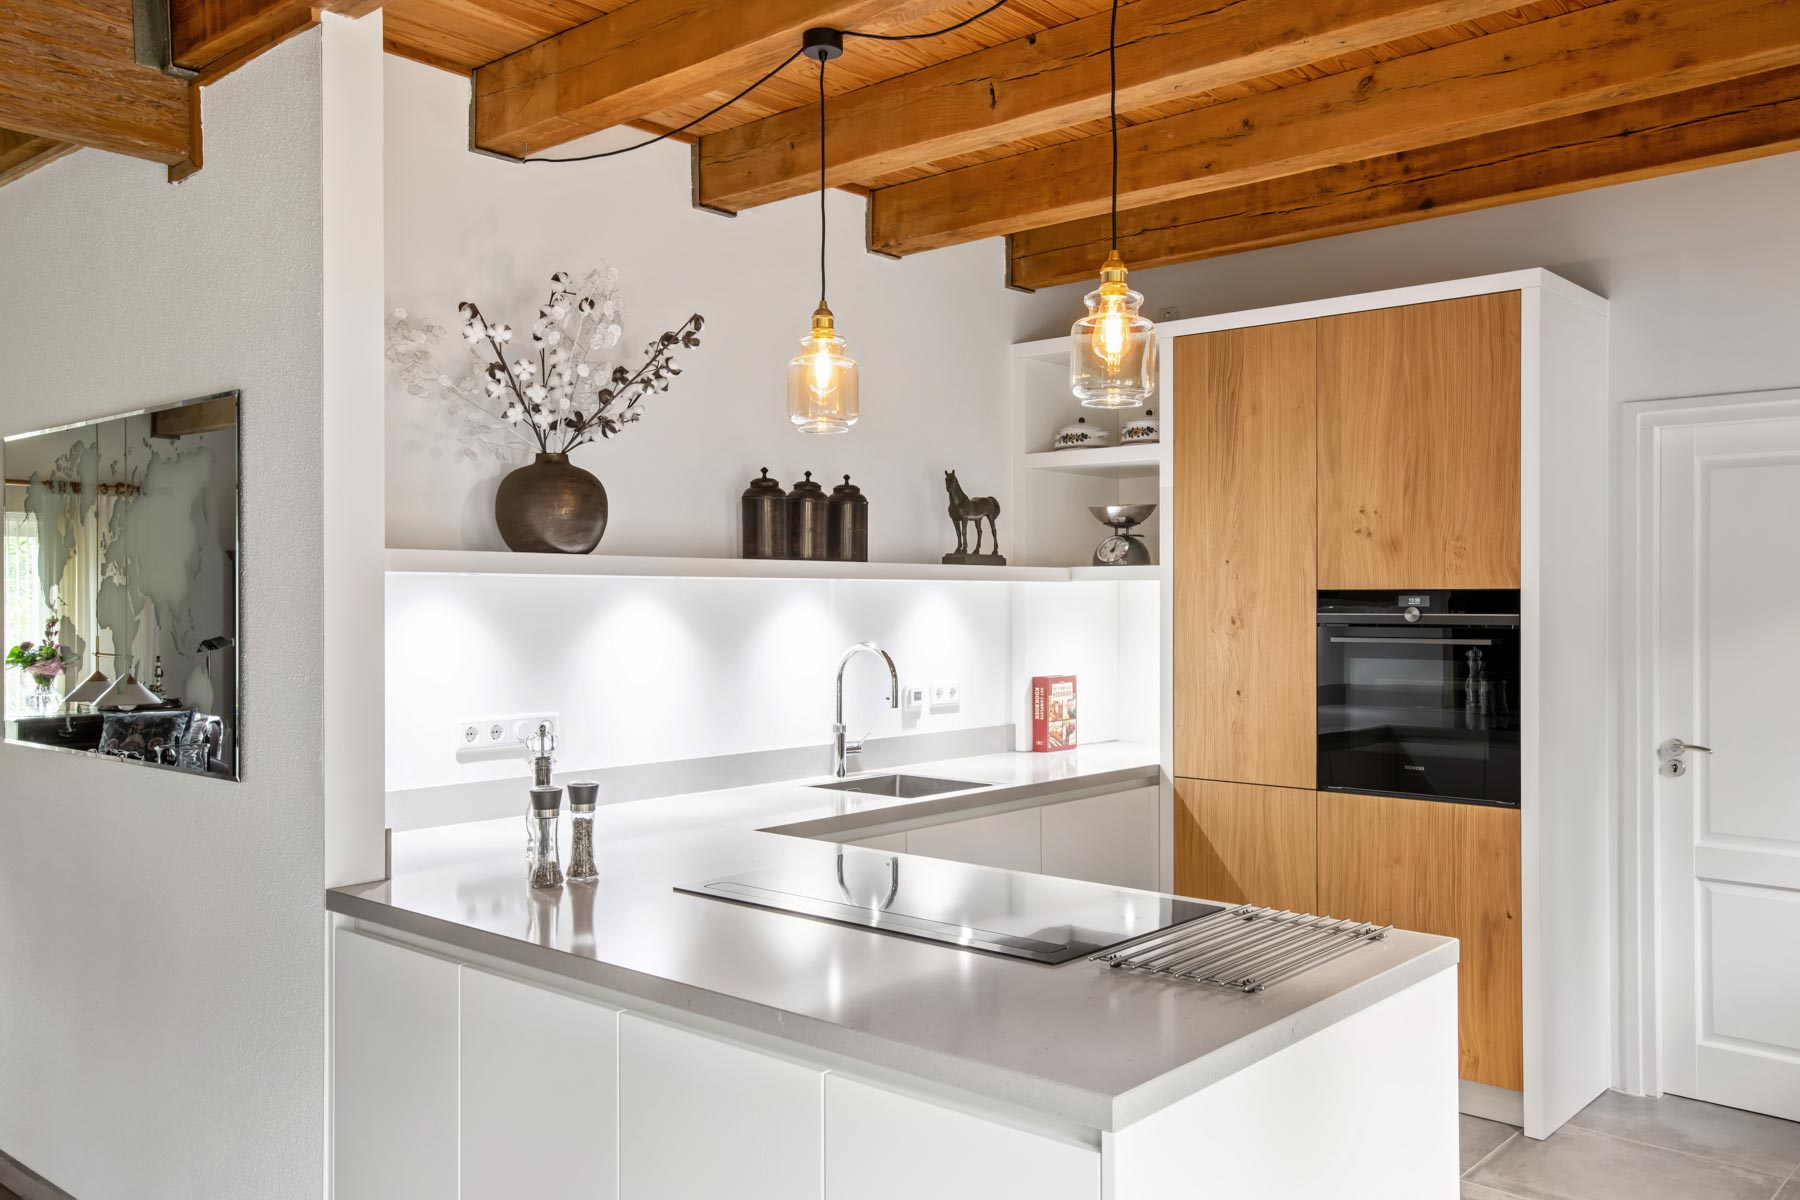 5 veelgemaakte fouten bij het kopen van een keuken